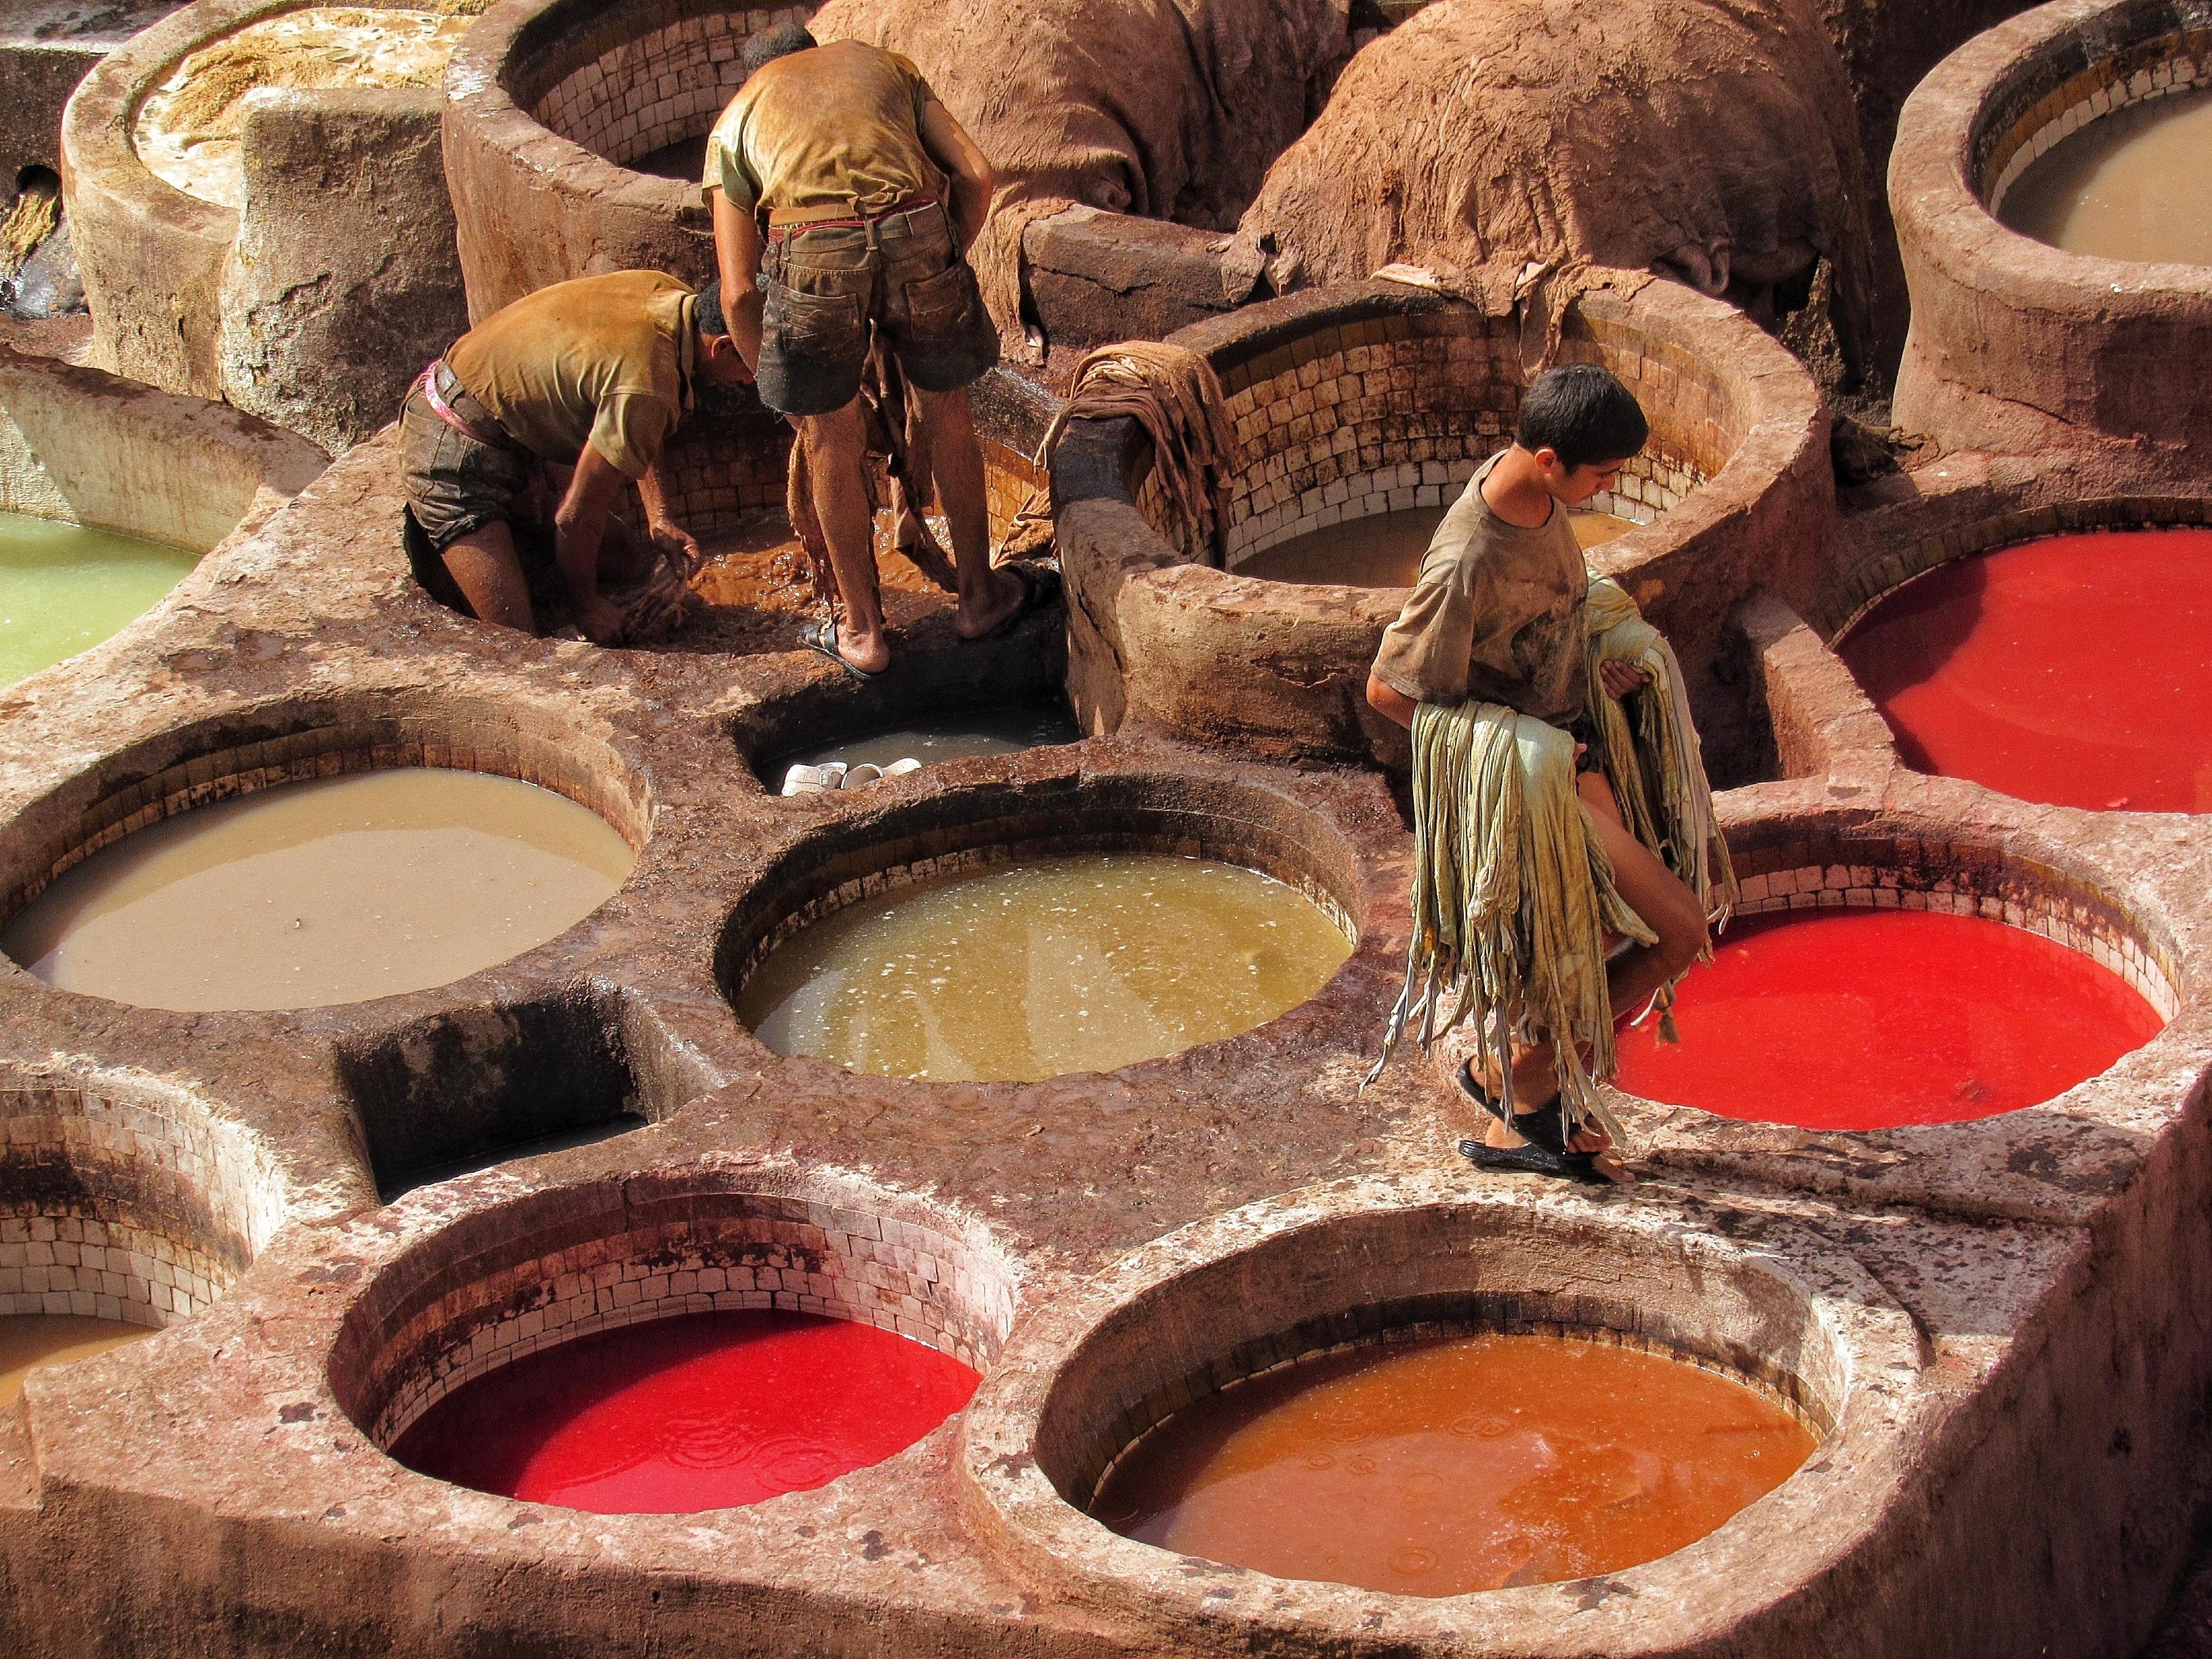 Marocco Fes conceria